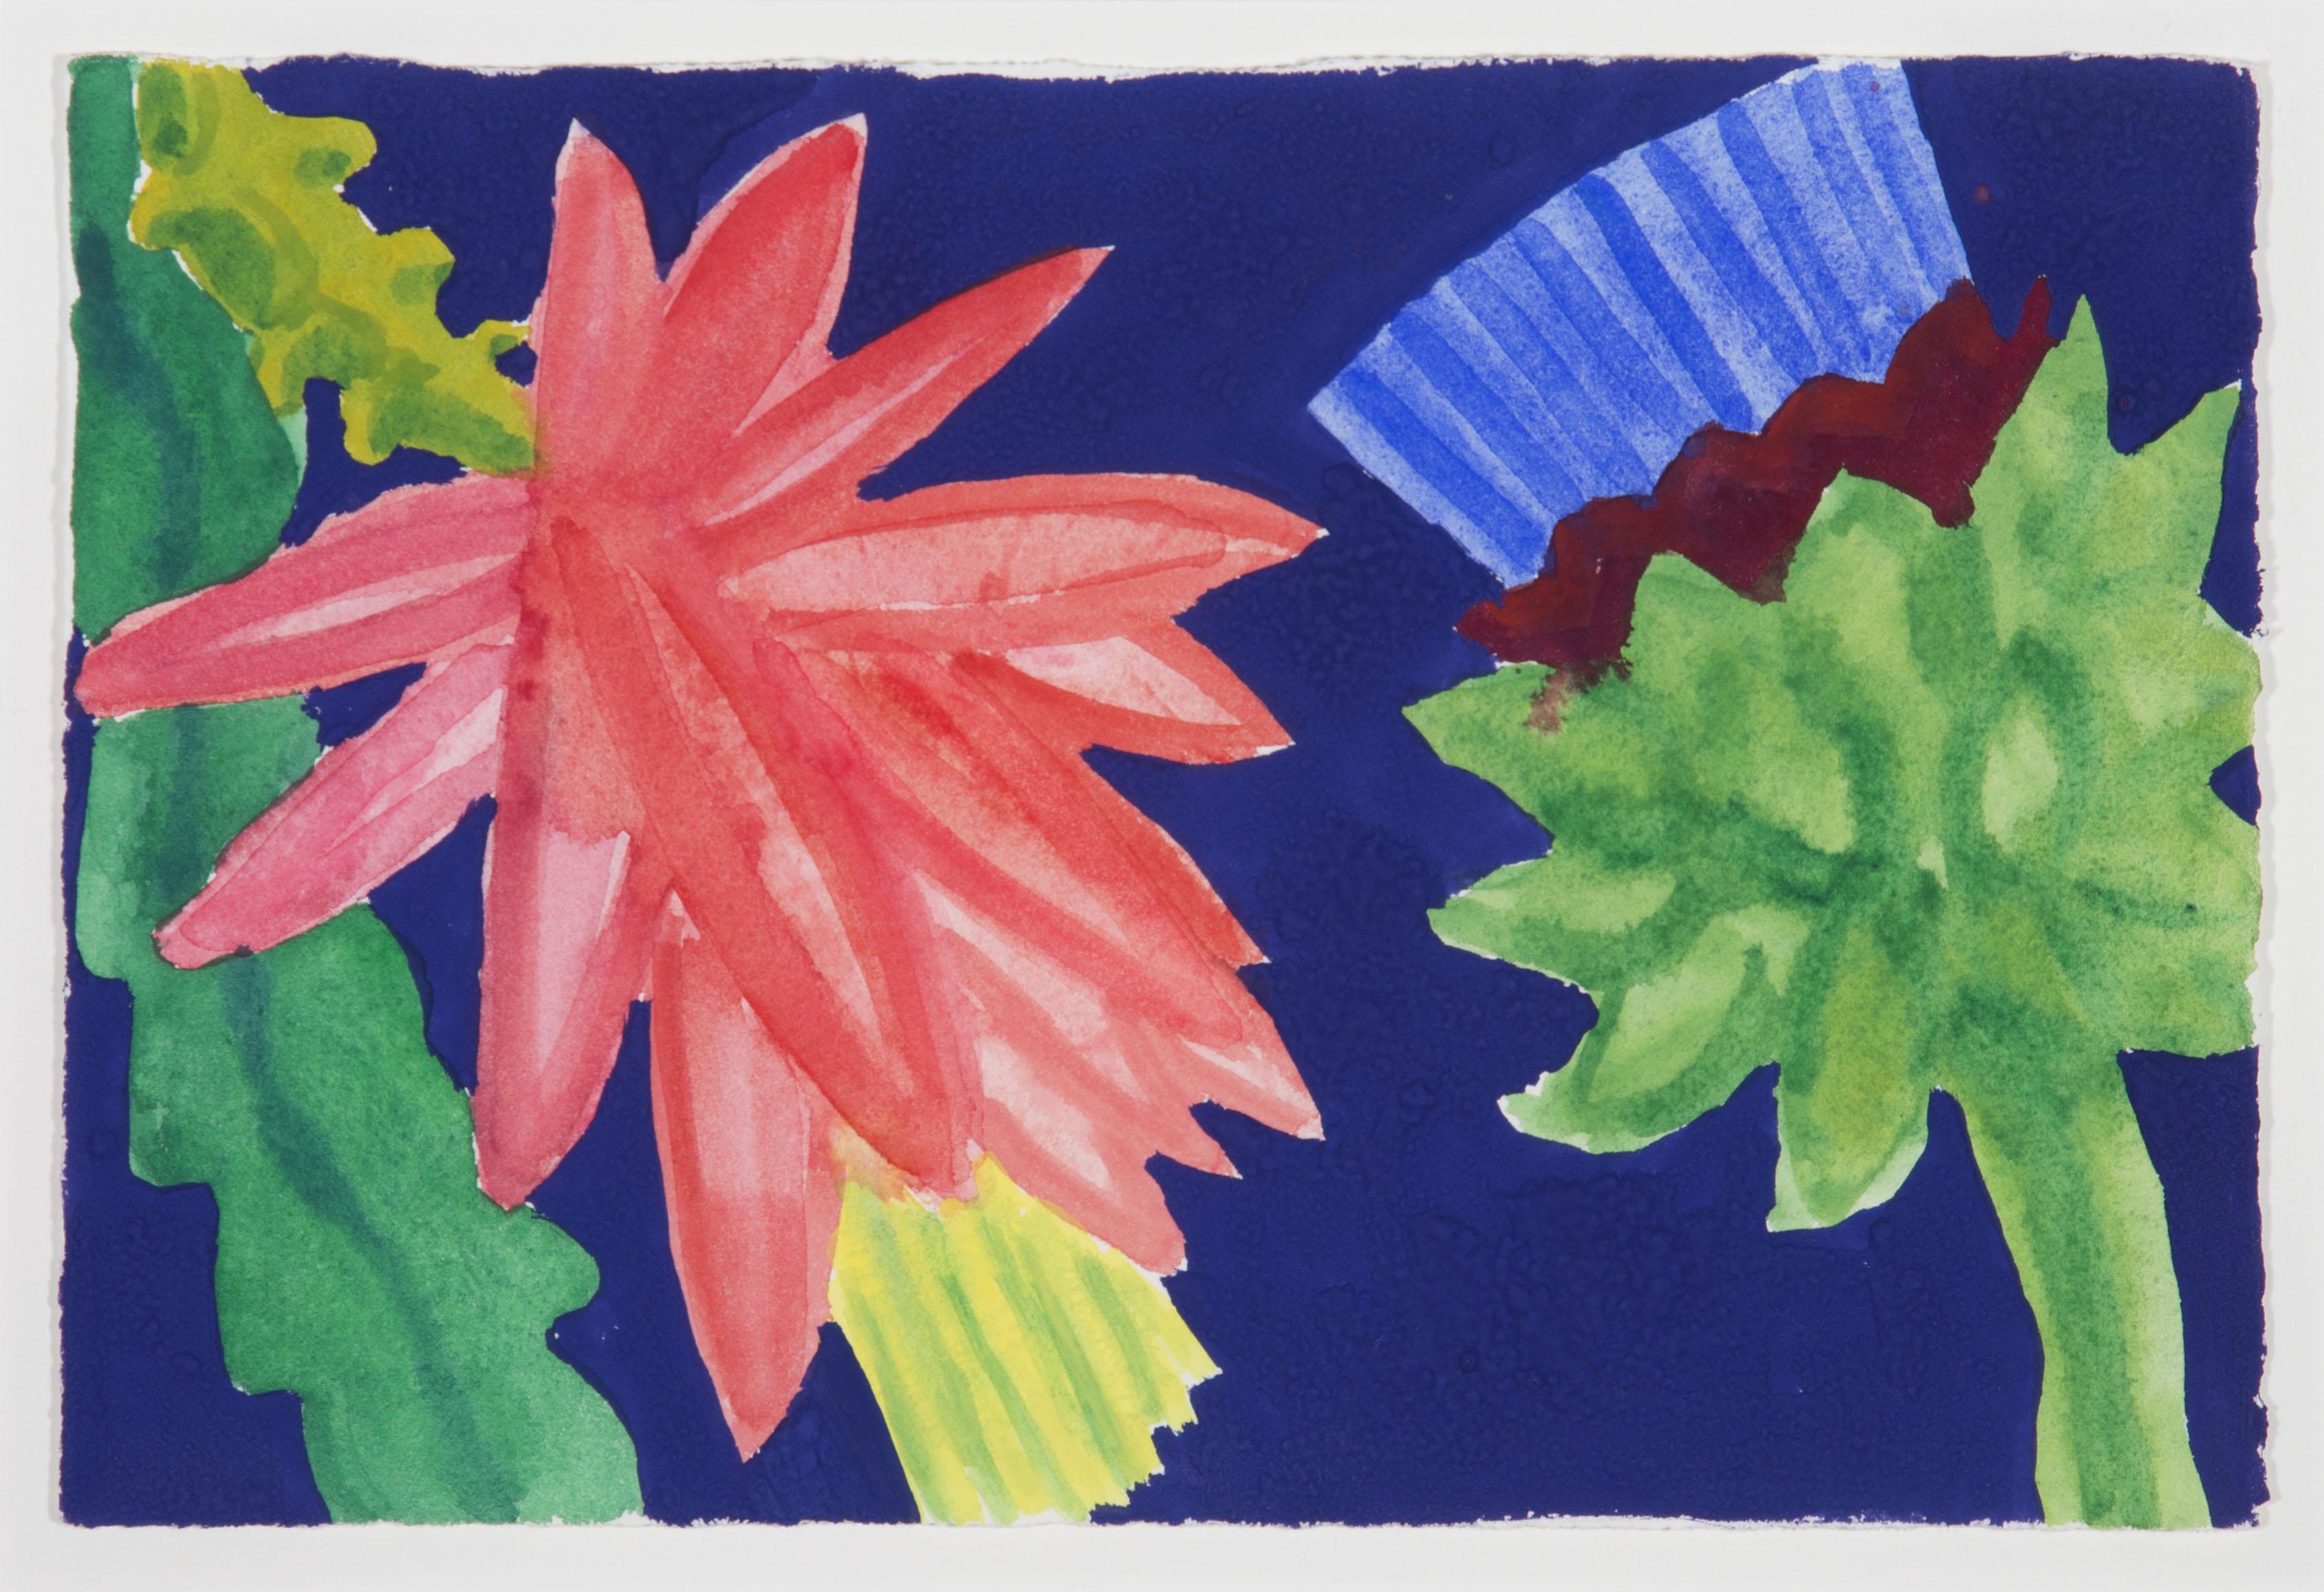 Artichoke and Cactus on Deep Blue [dxa-98]